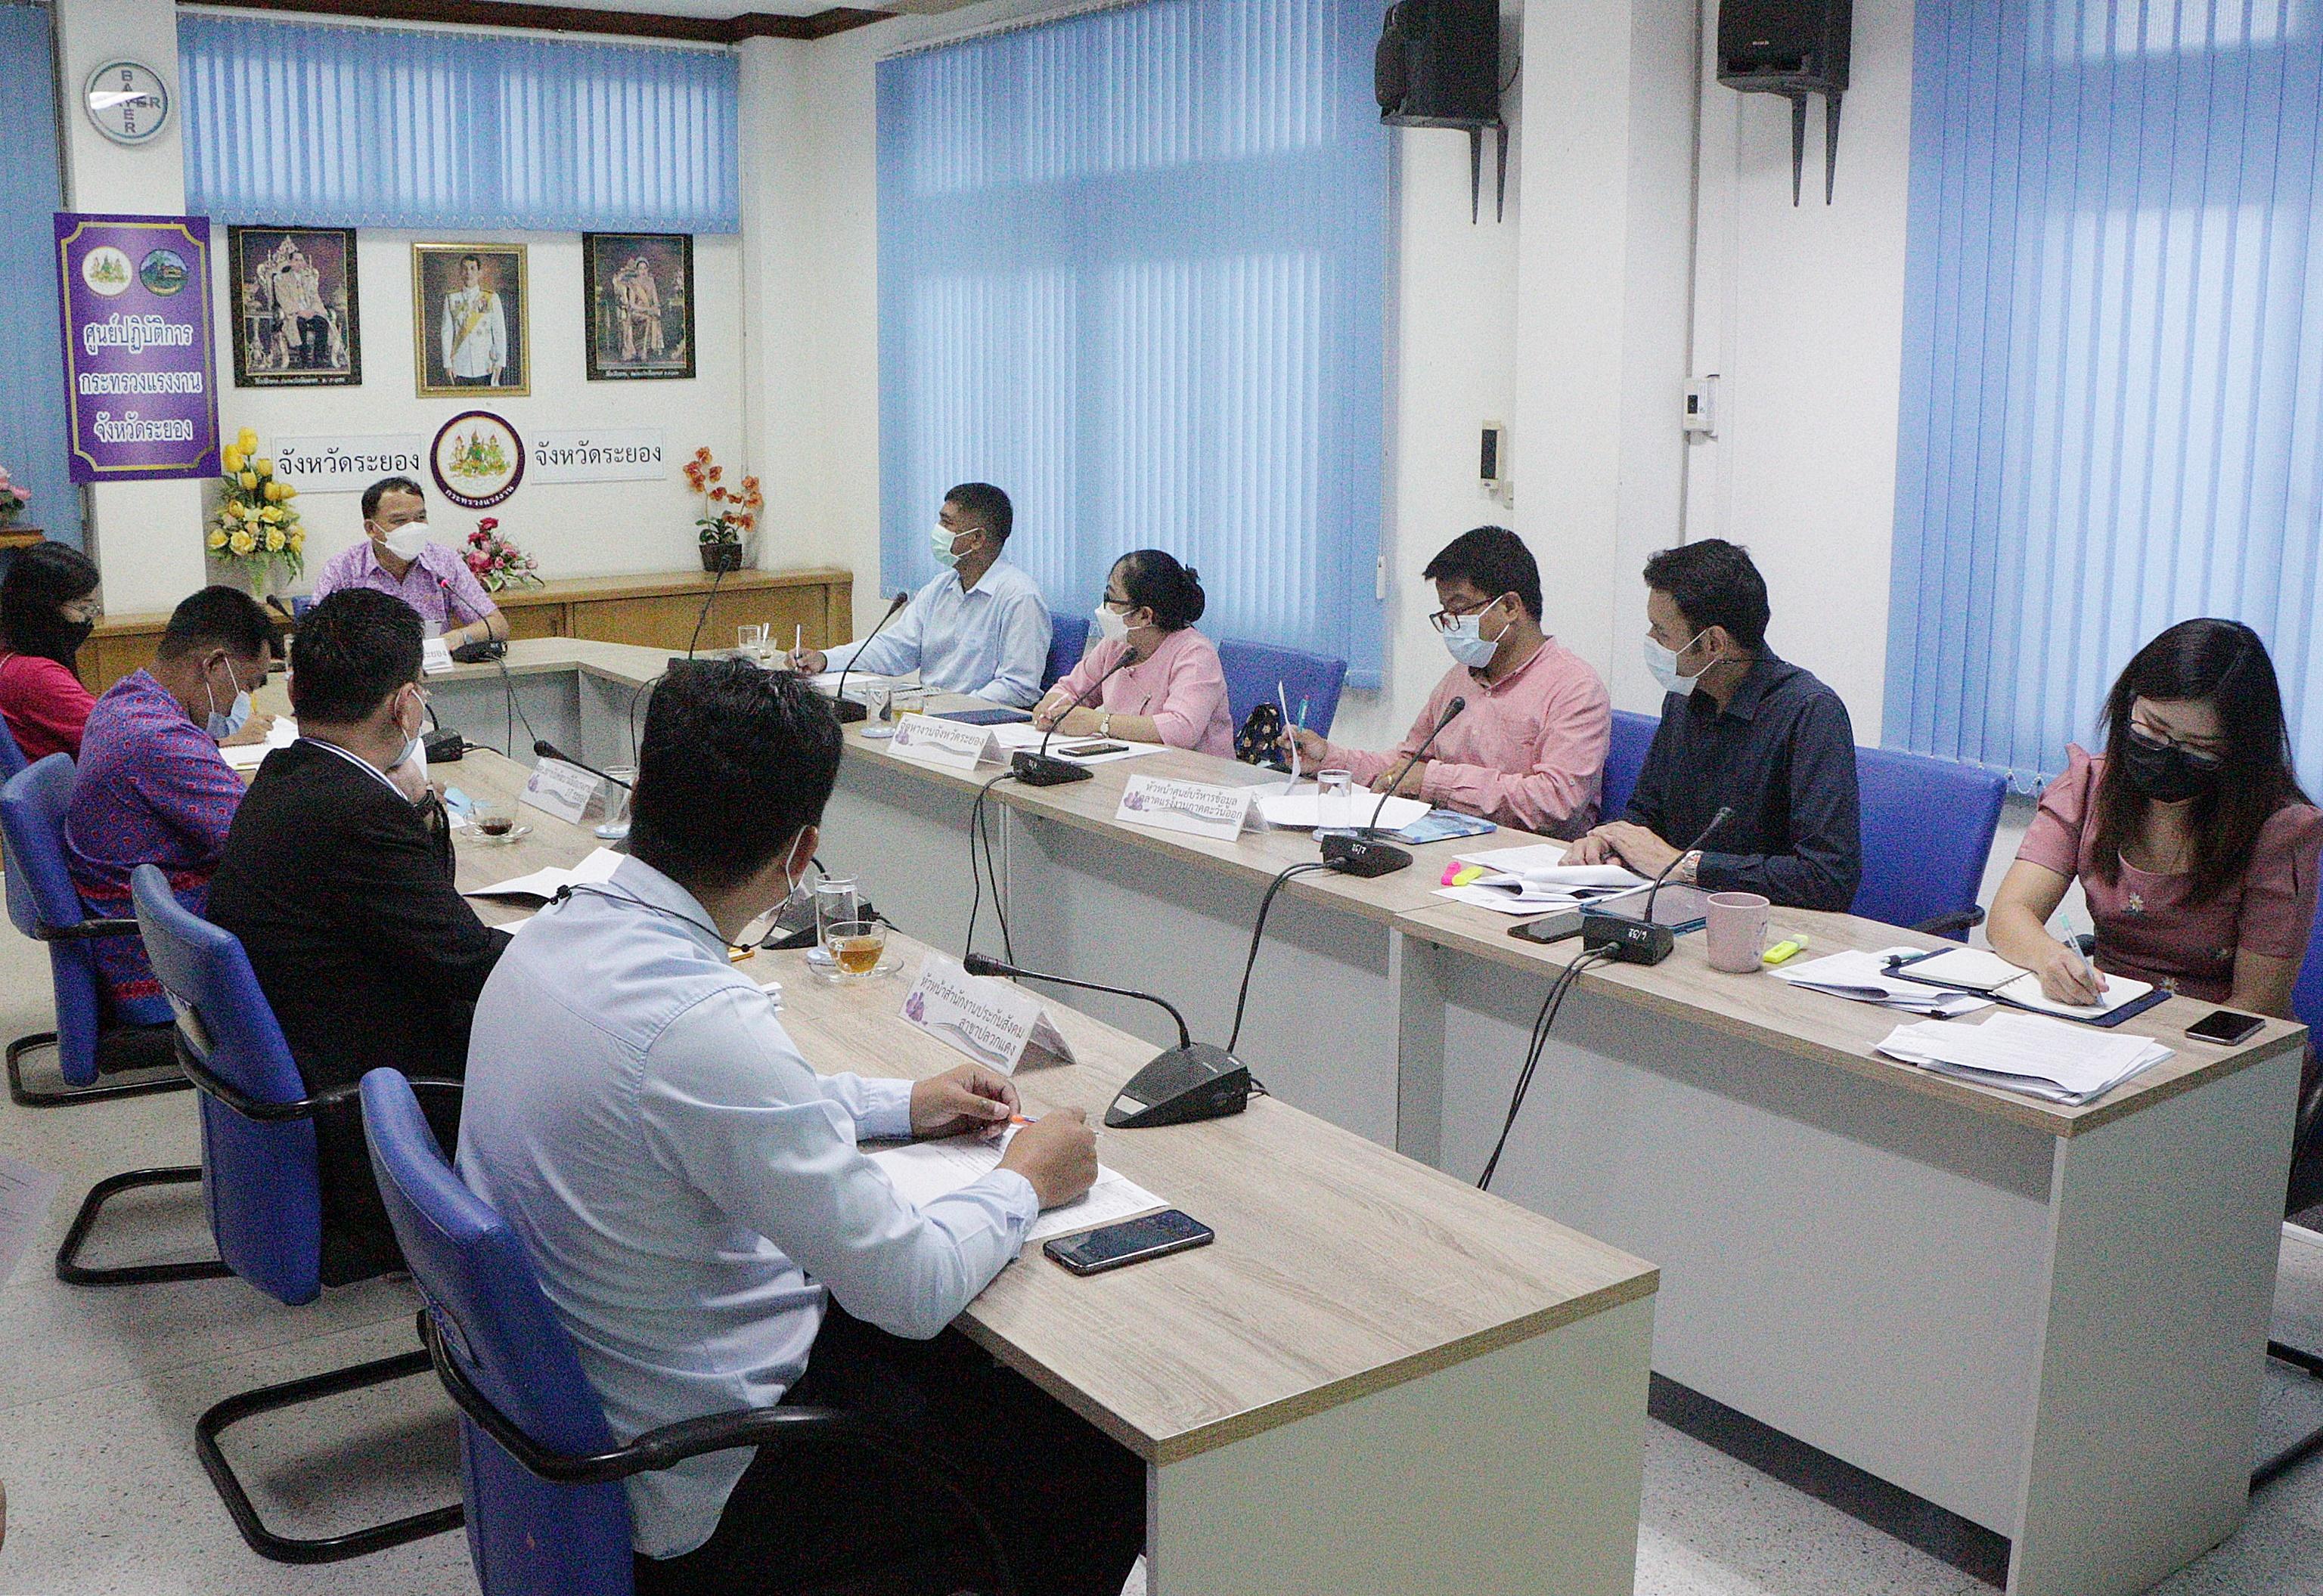 สำนักงานแรงงานจังหวัดระยอง ประชุมจัดทำแผนปฏิบัติการด้านการป้องกันและแก้ไขปัญหาการค้ามนุษย์ด้านแรงงาน ปีงบประมาณ พ.ศ. 2565